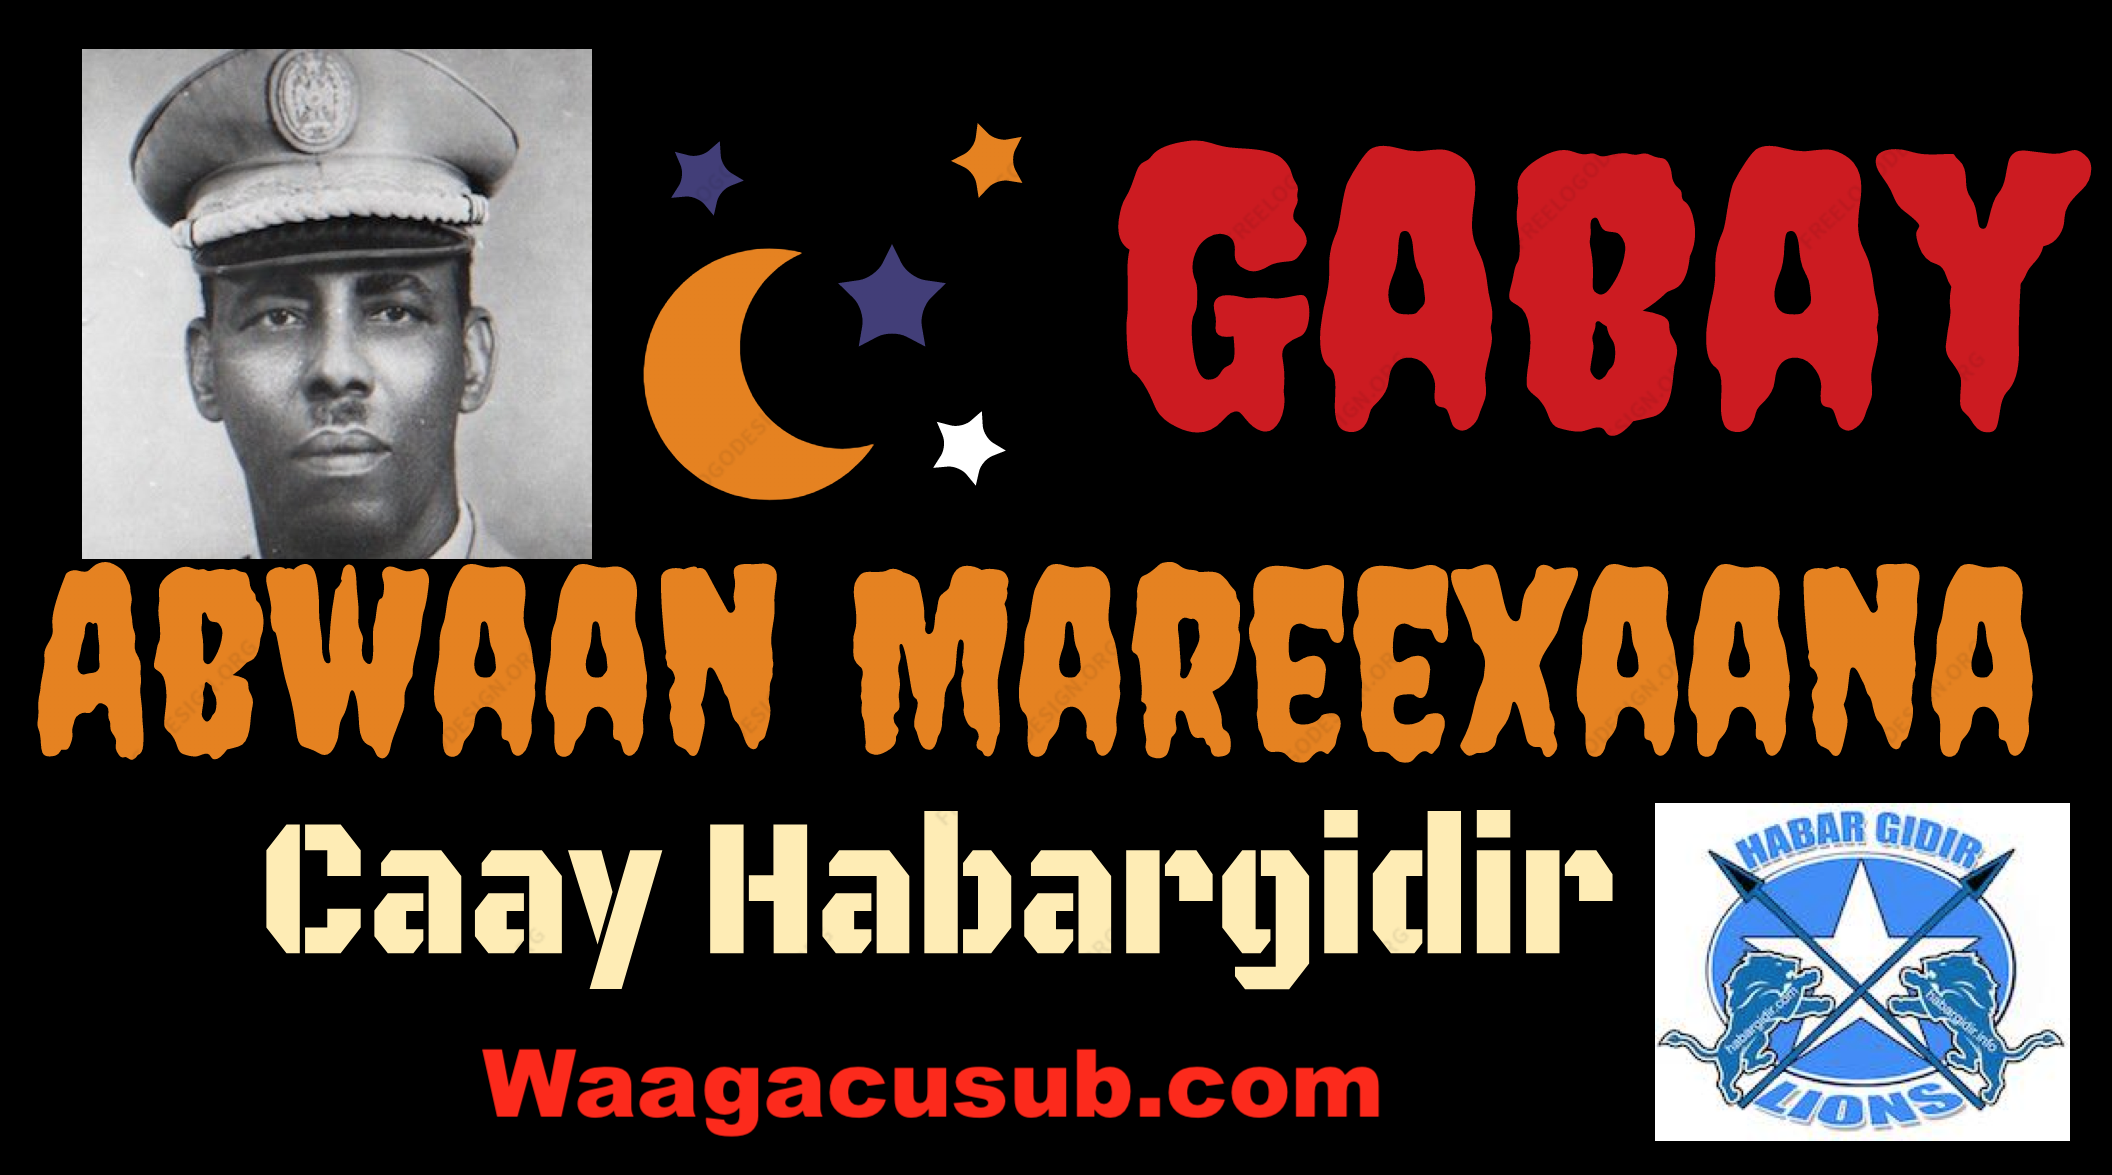 [Daawo] Gabay Abwaan Mareexaana ku caayey Habargidir -Hawiye